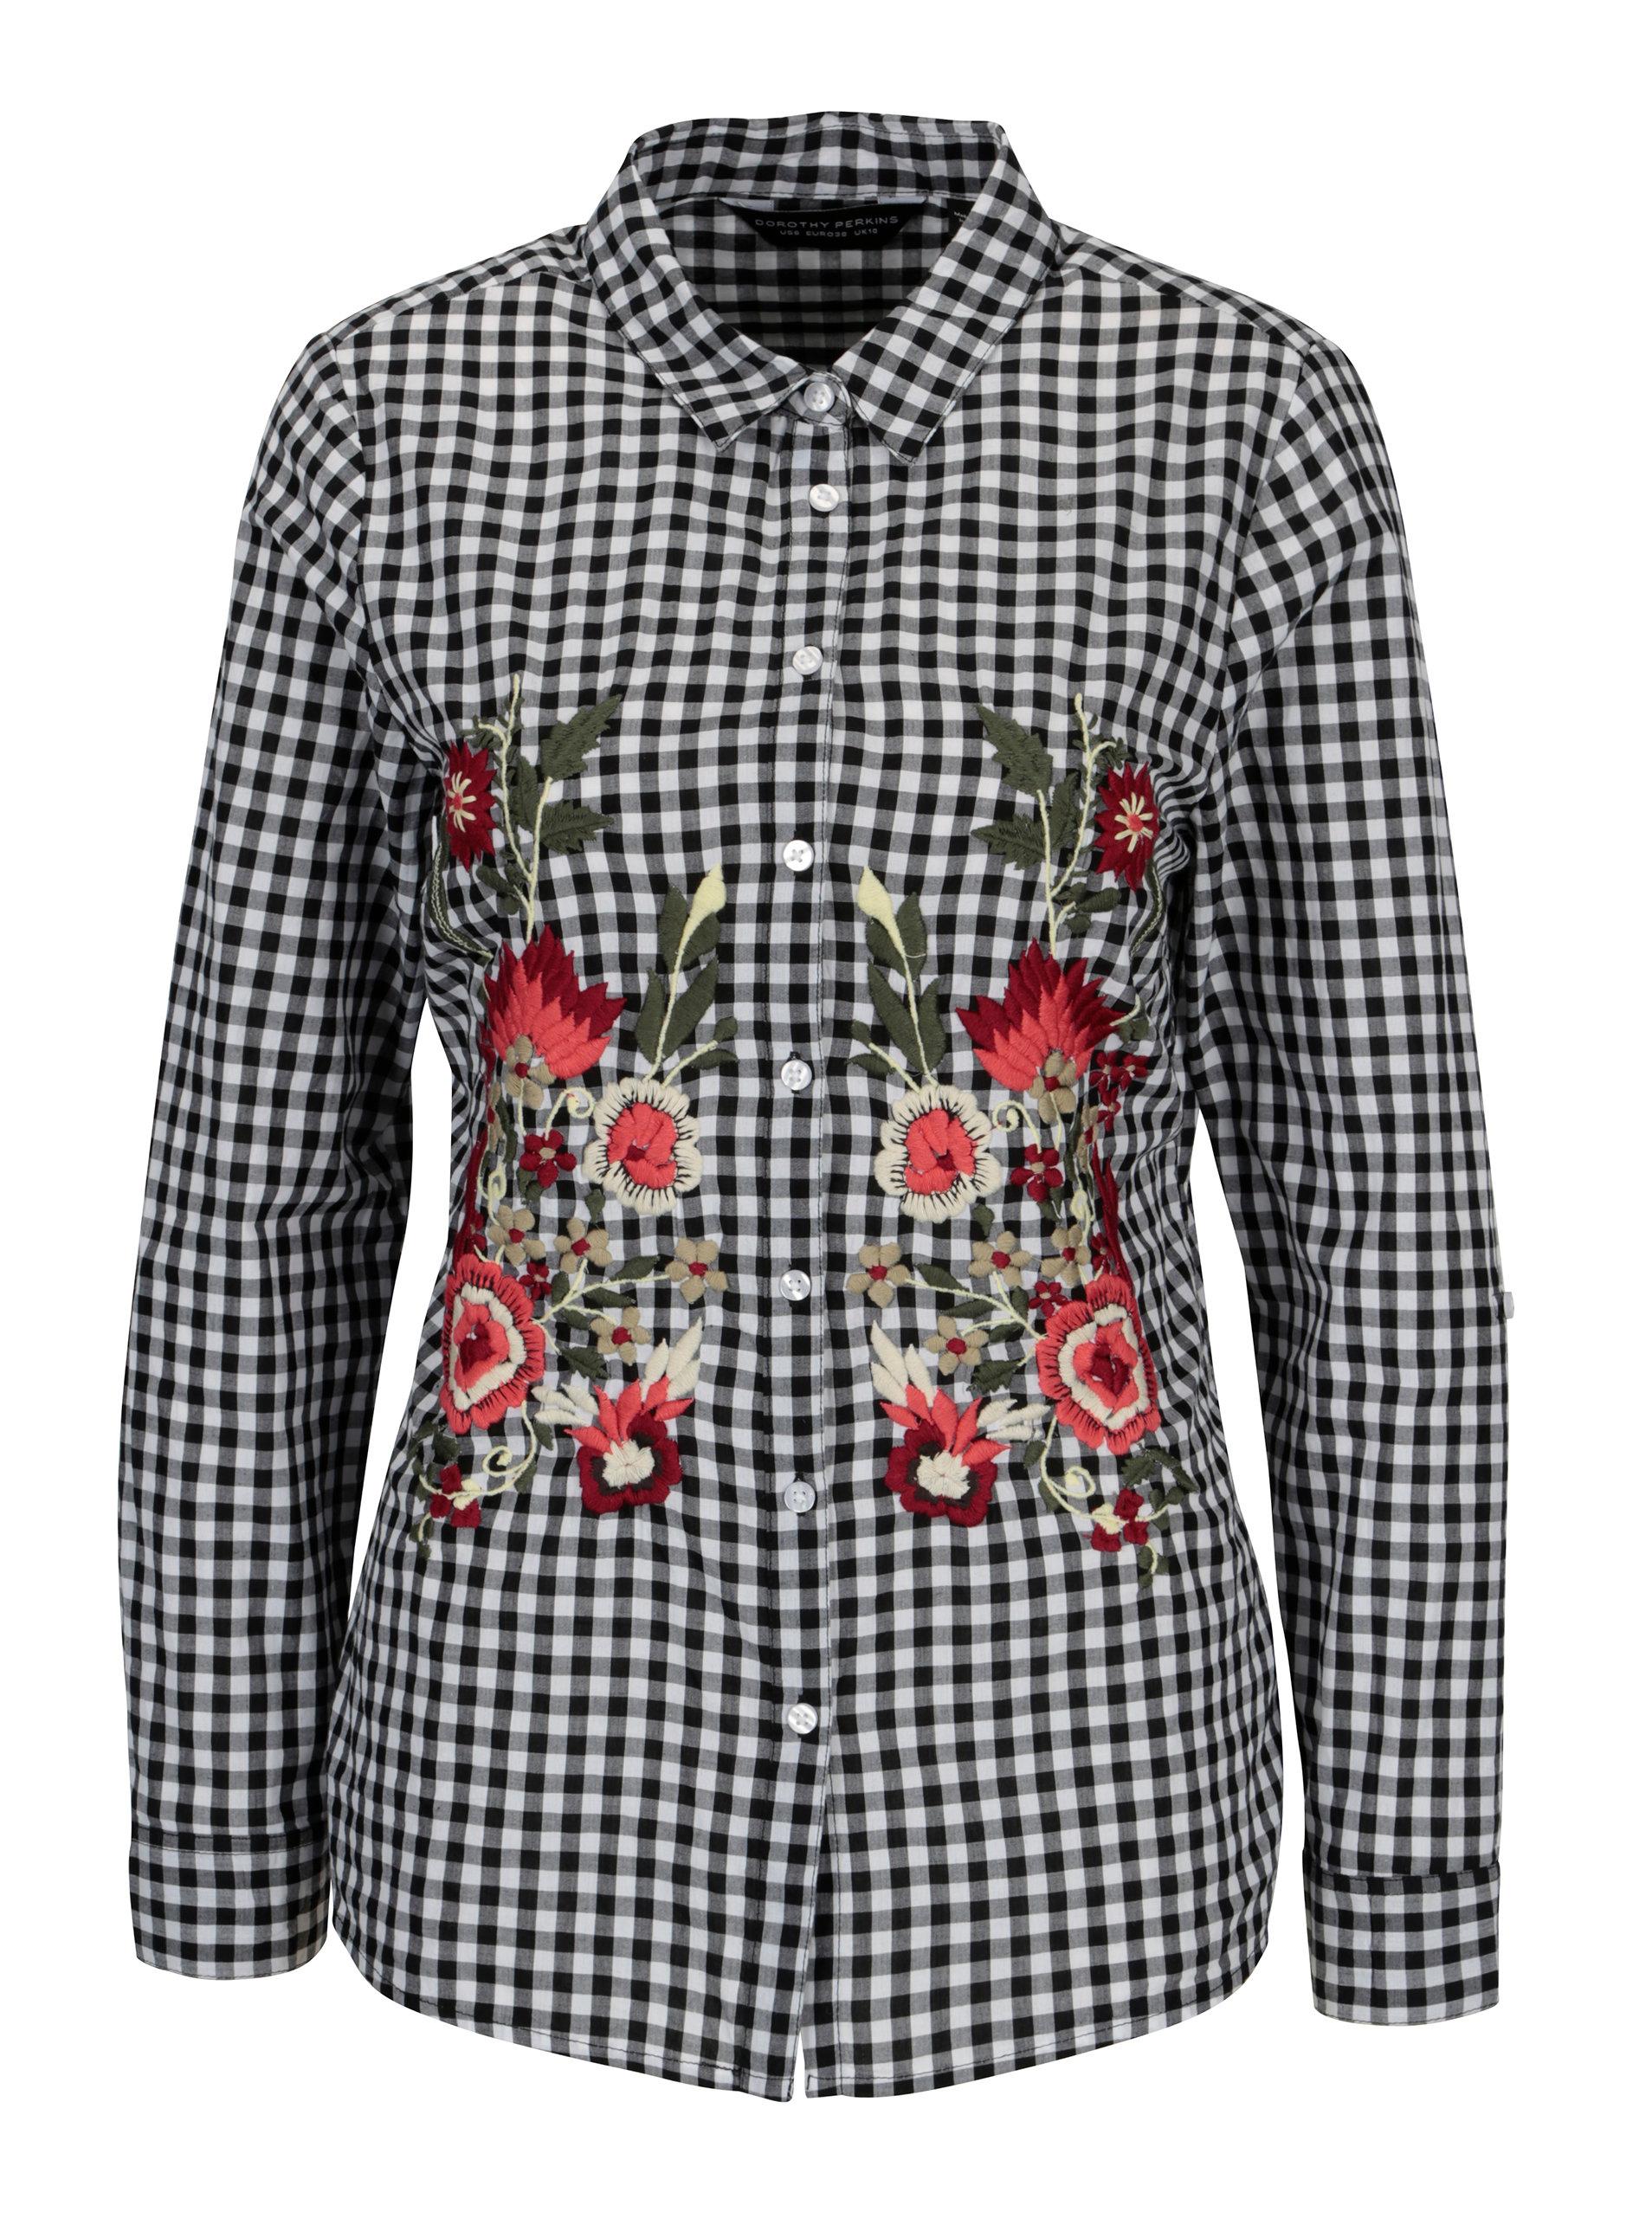 810af14e6 Bielo–čierna kockovaná košeľa s vyšívanými kvetmi Dorothy Perkins ...